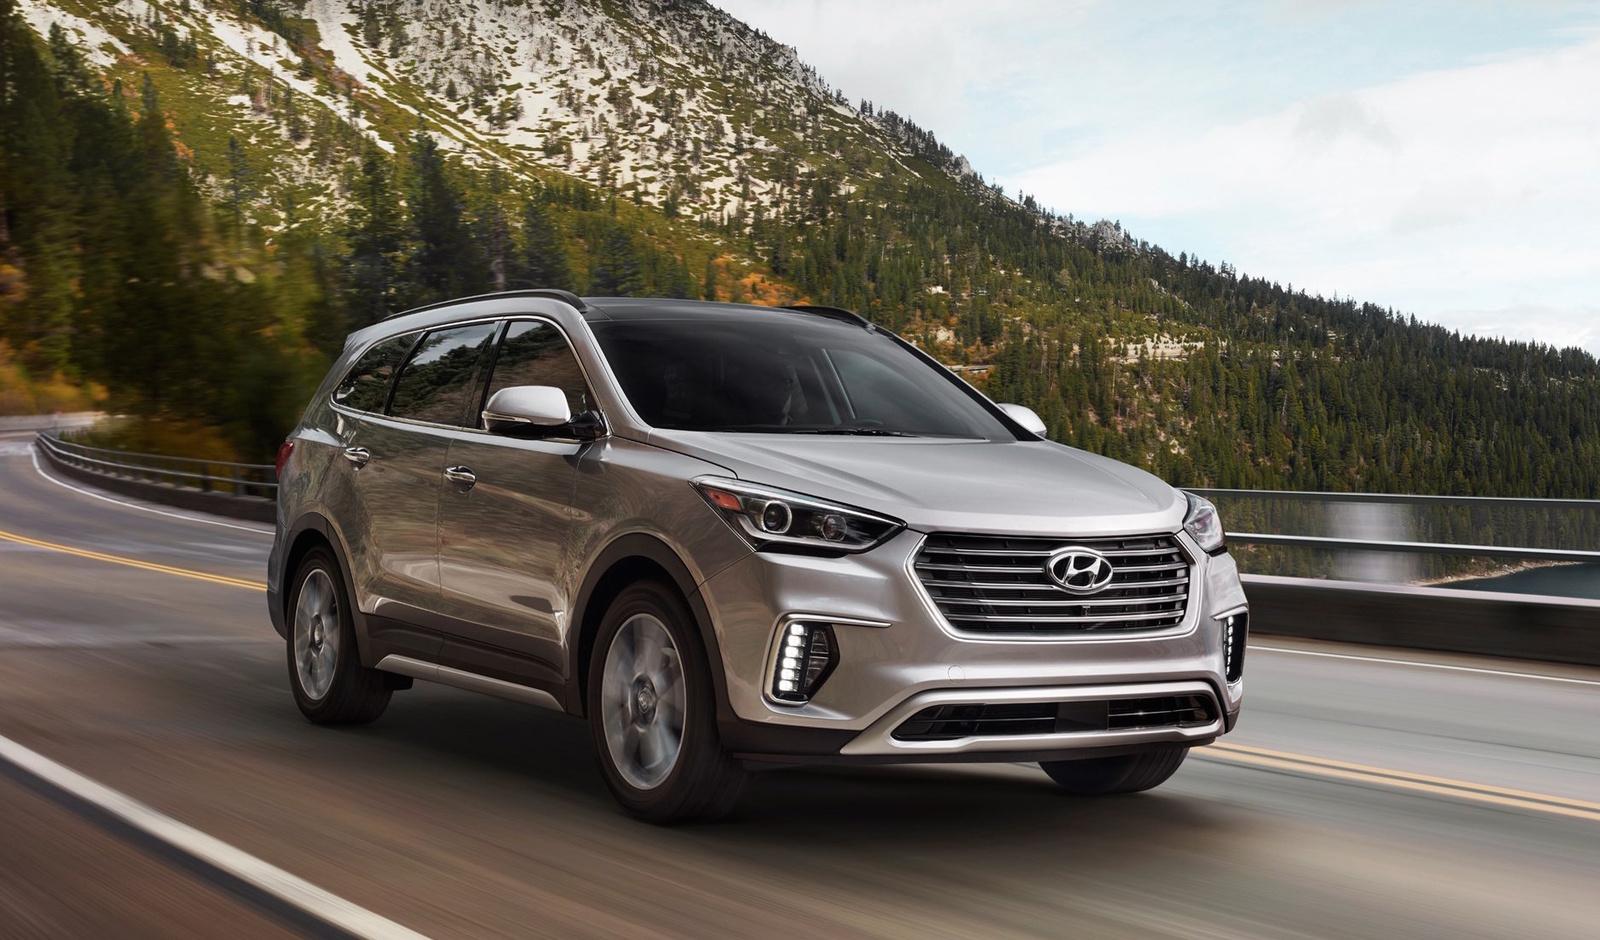 Carsattend The Pressure Of 2017 Hyundai Santa Fe